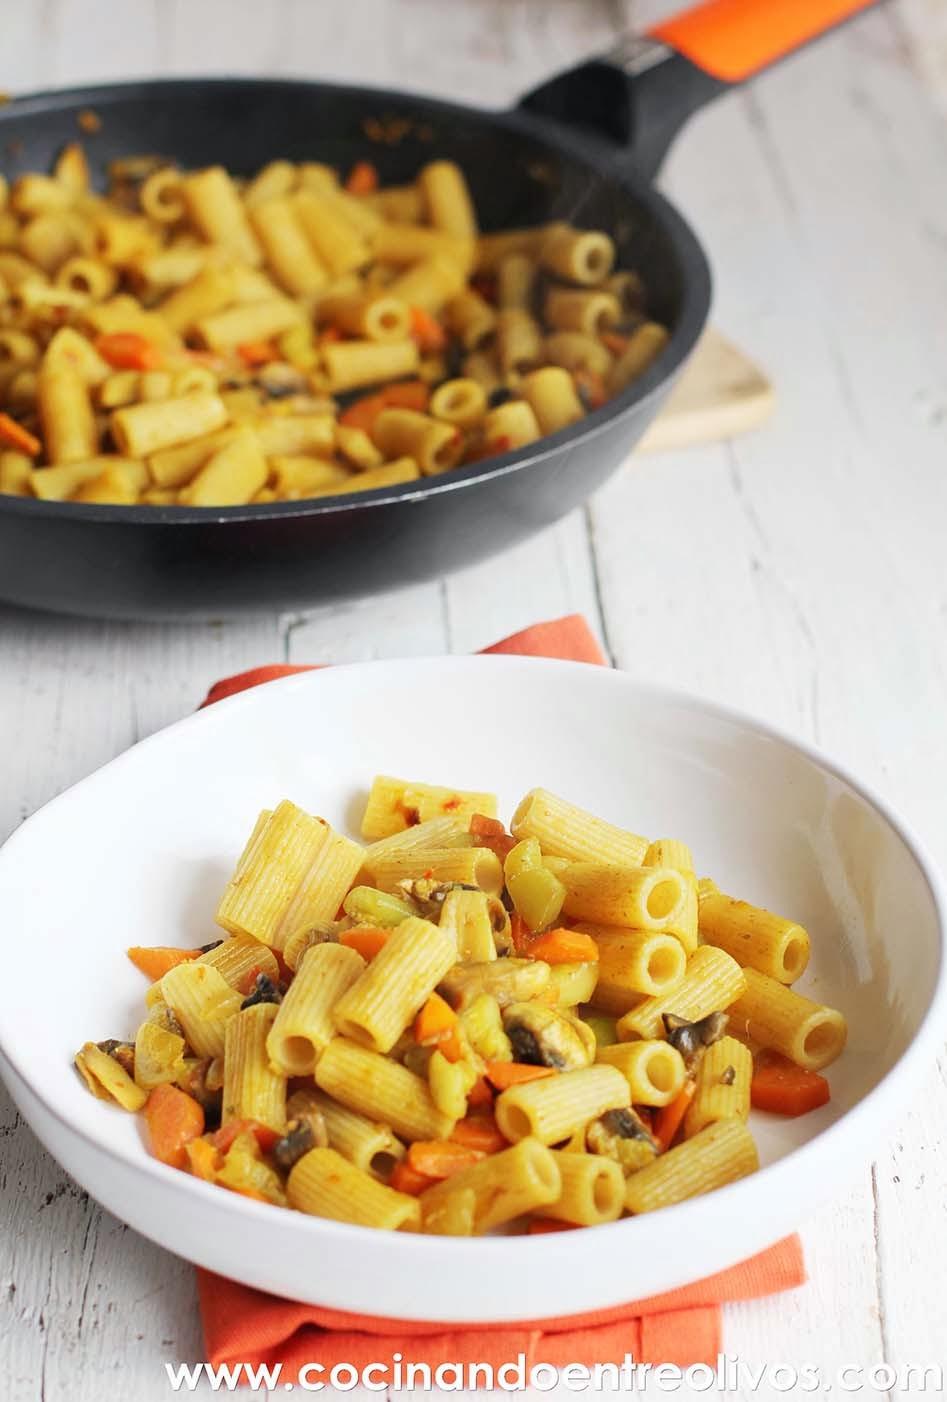 Cocinando entre olivos macarrones integrales con verduras - Cocinando entre olivos ...